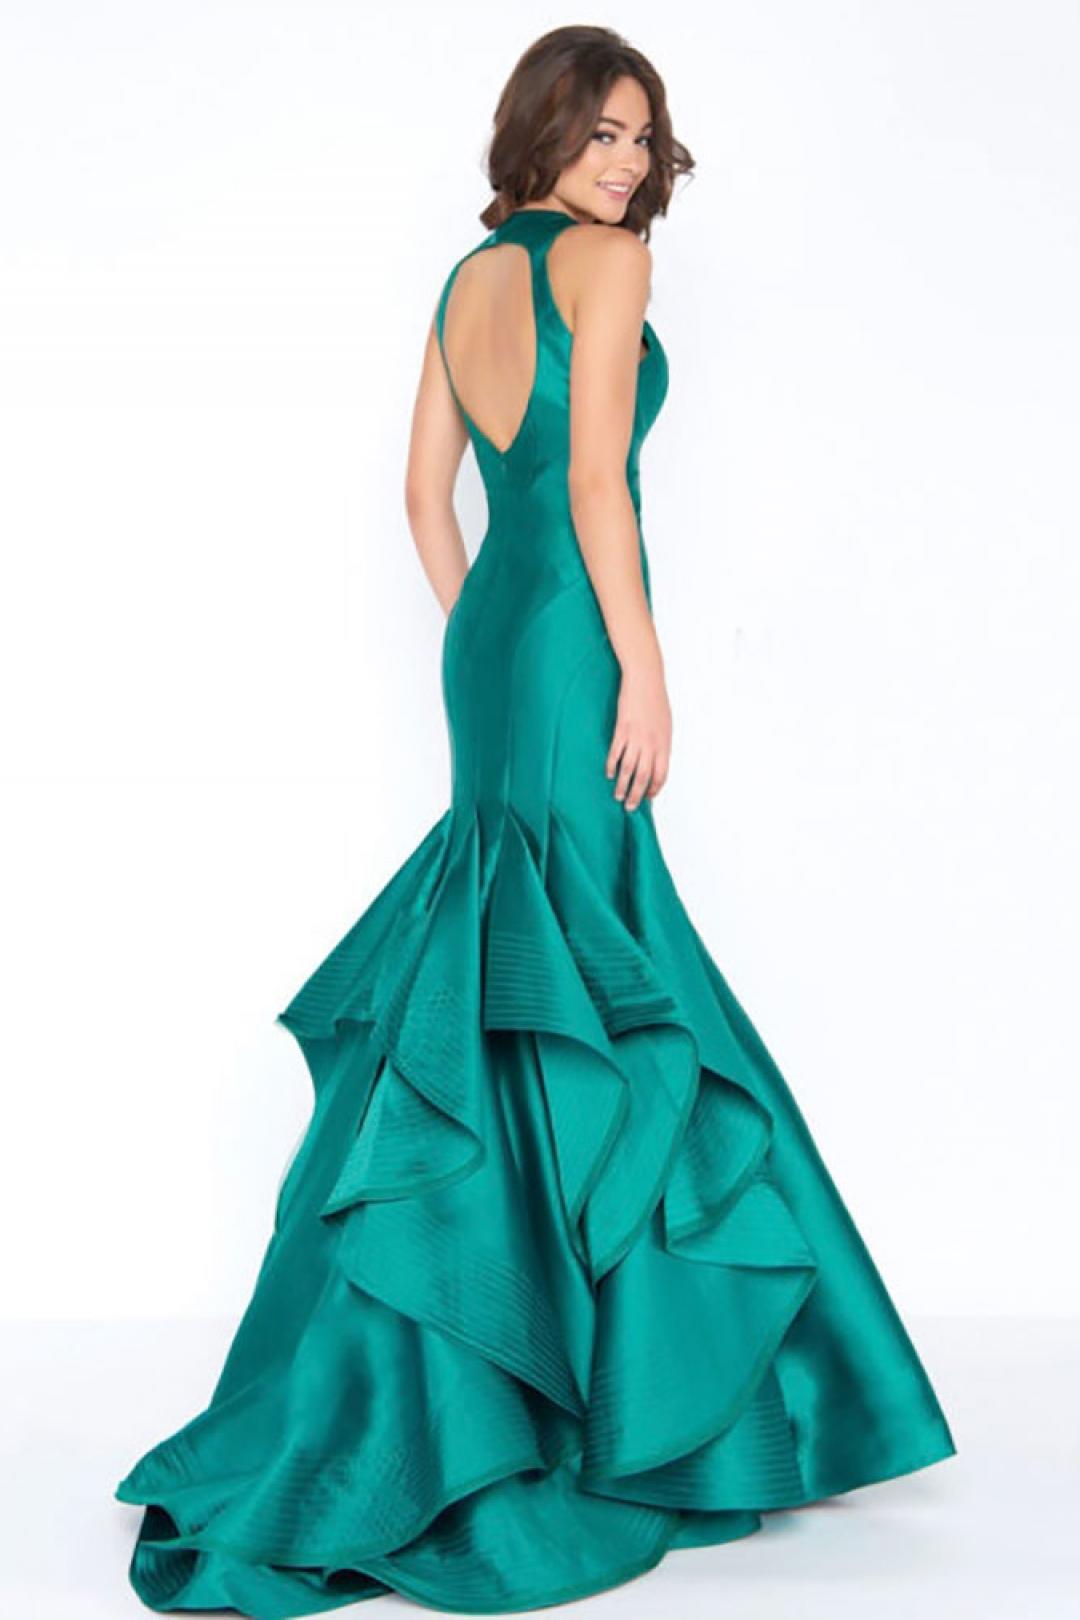 Renta de vestidos de noche df poniente